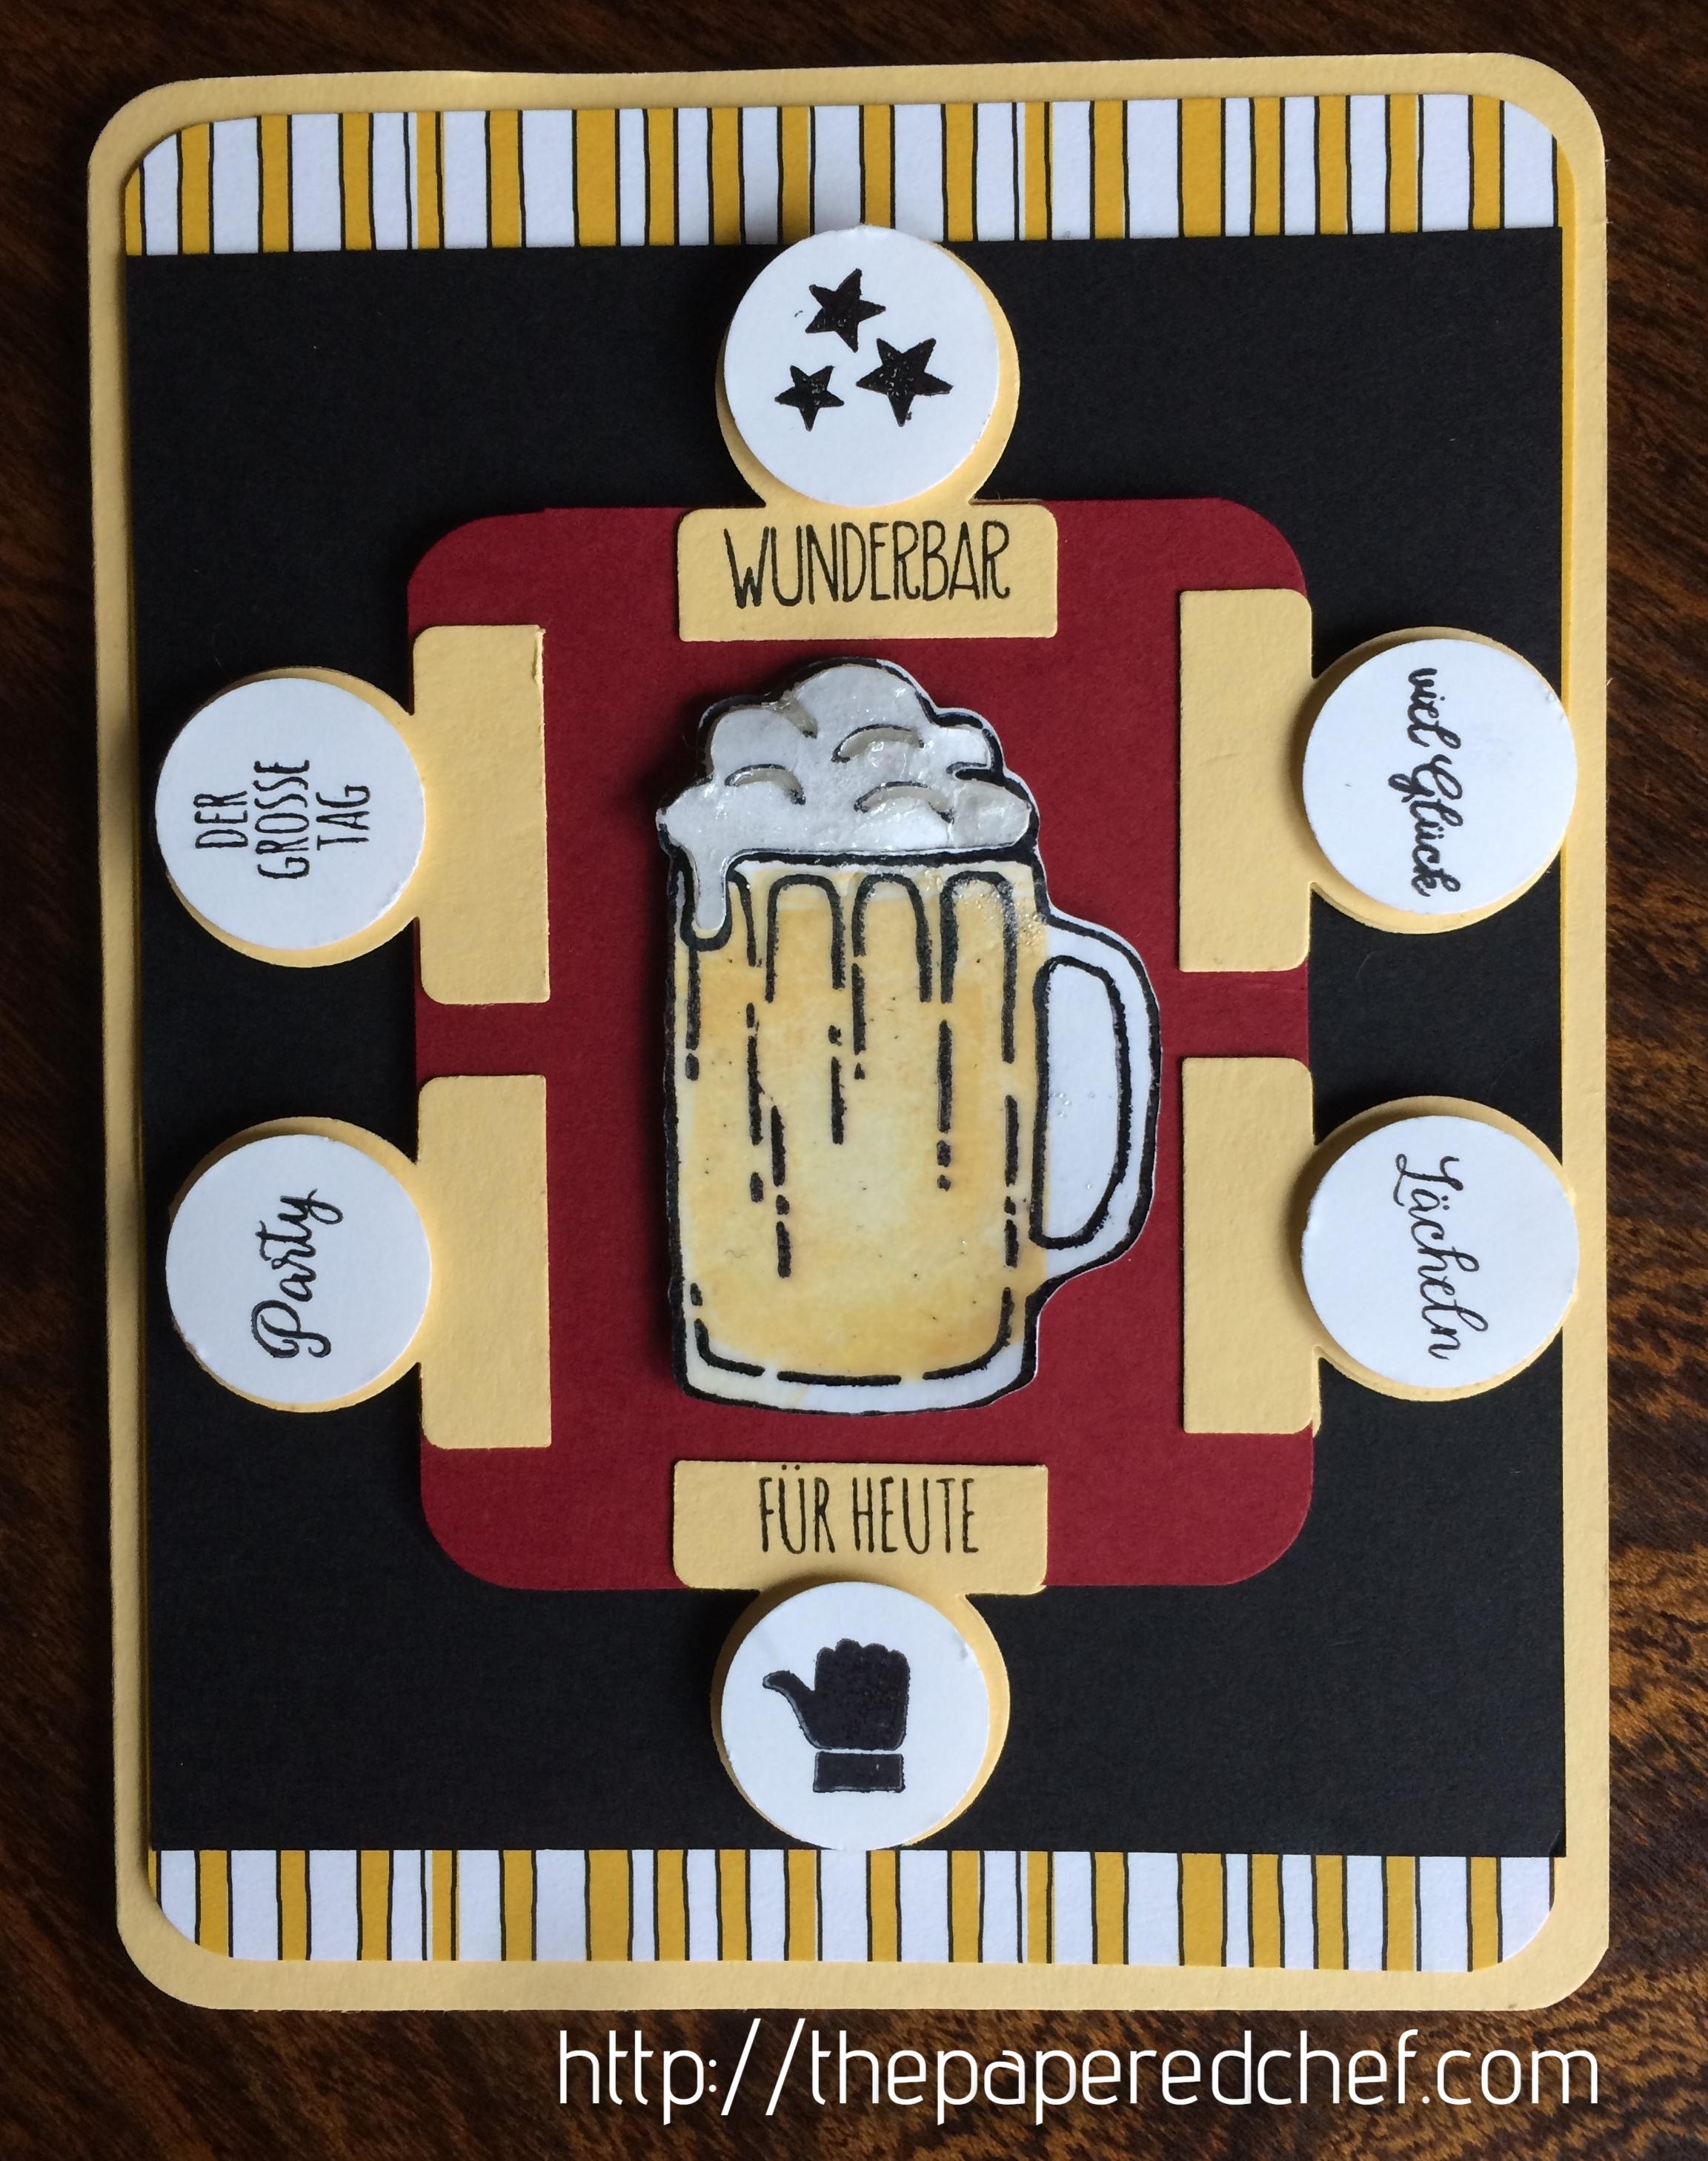 German Beer Card